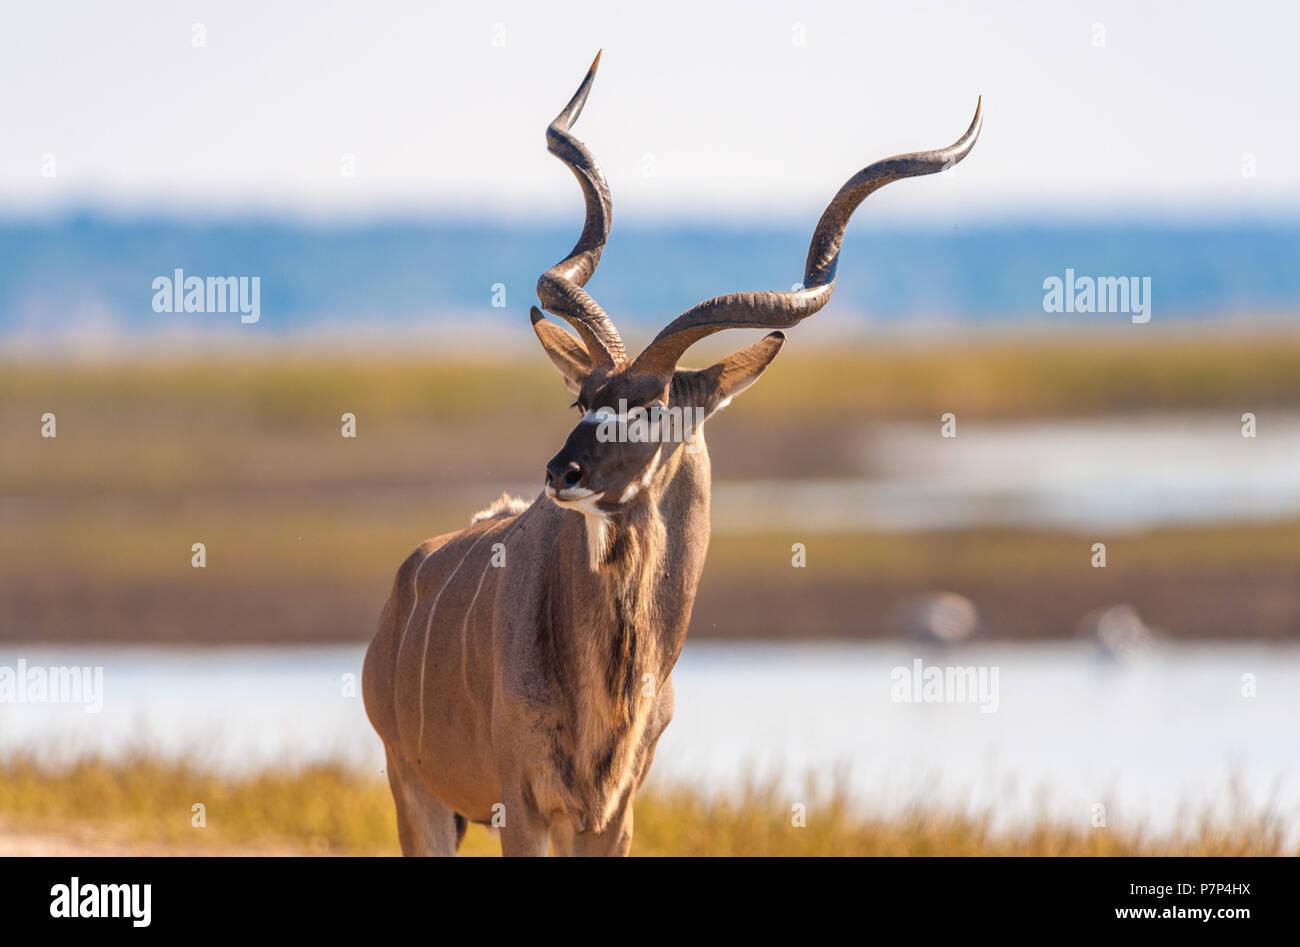 Kudu (Tragelaphus strepsiceros) in Chobe National Park - Stock Image